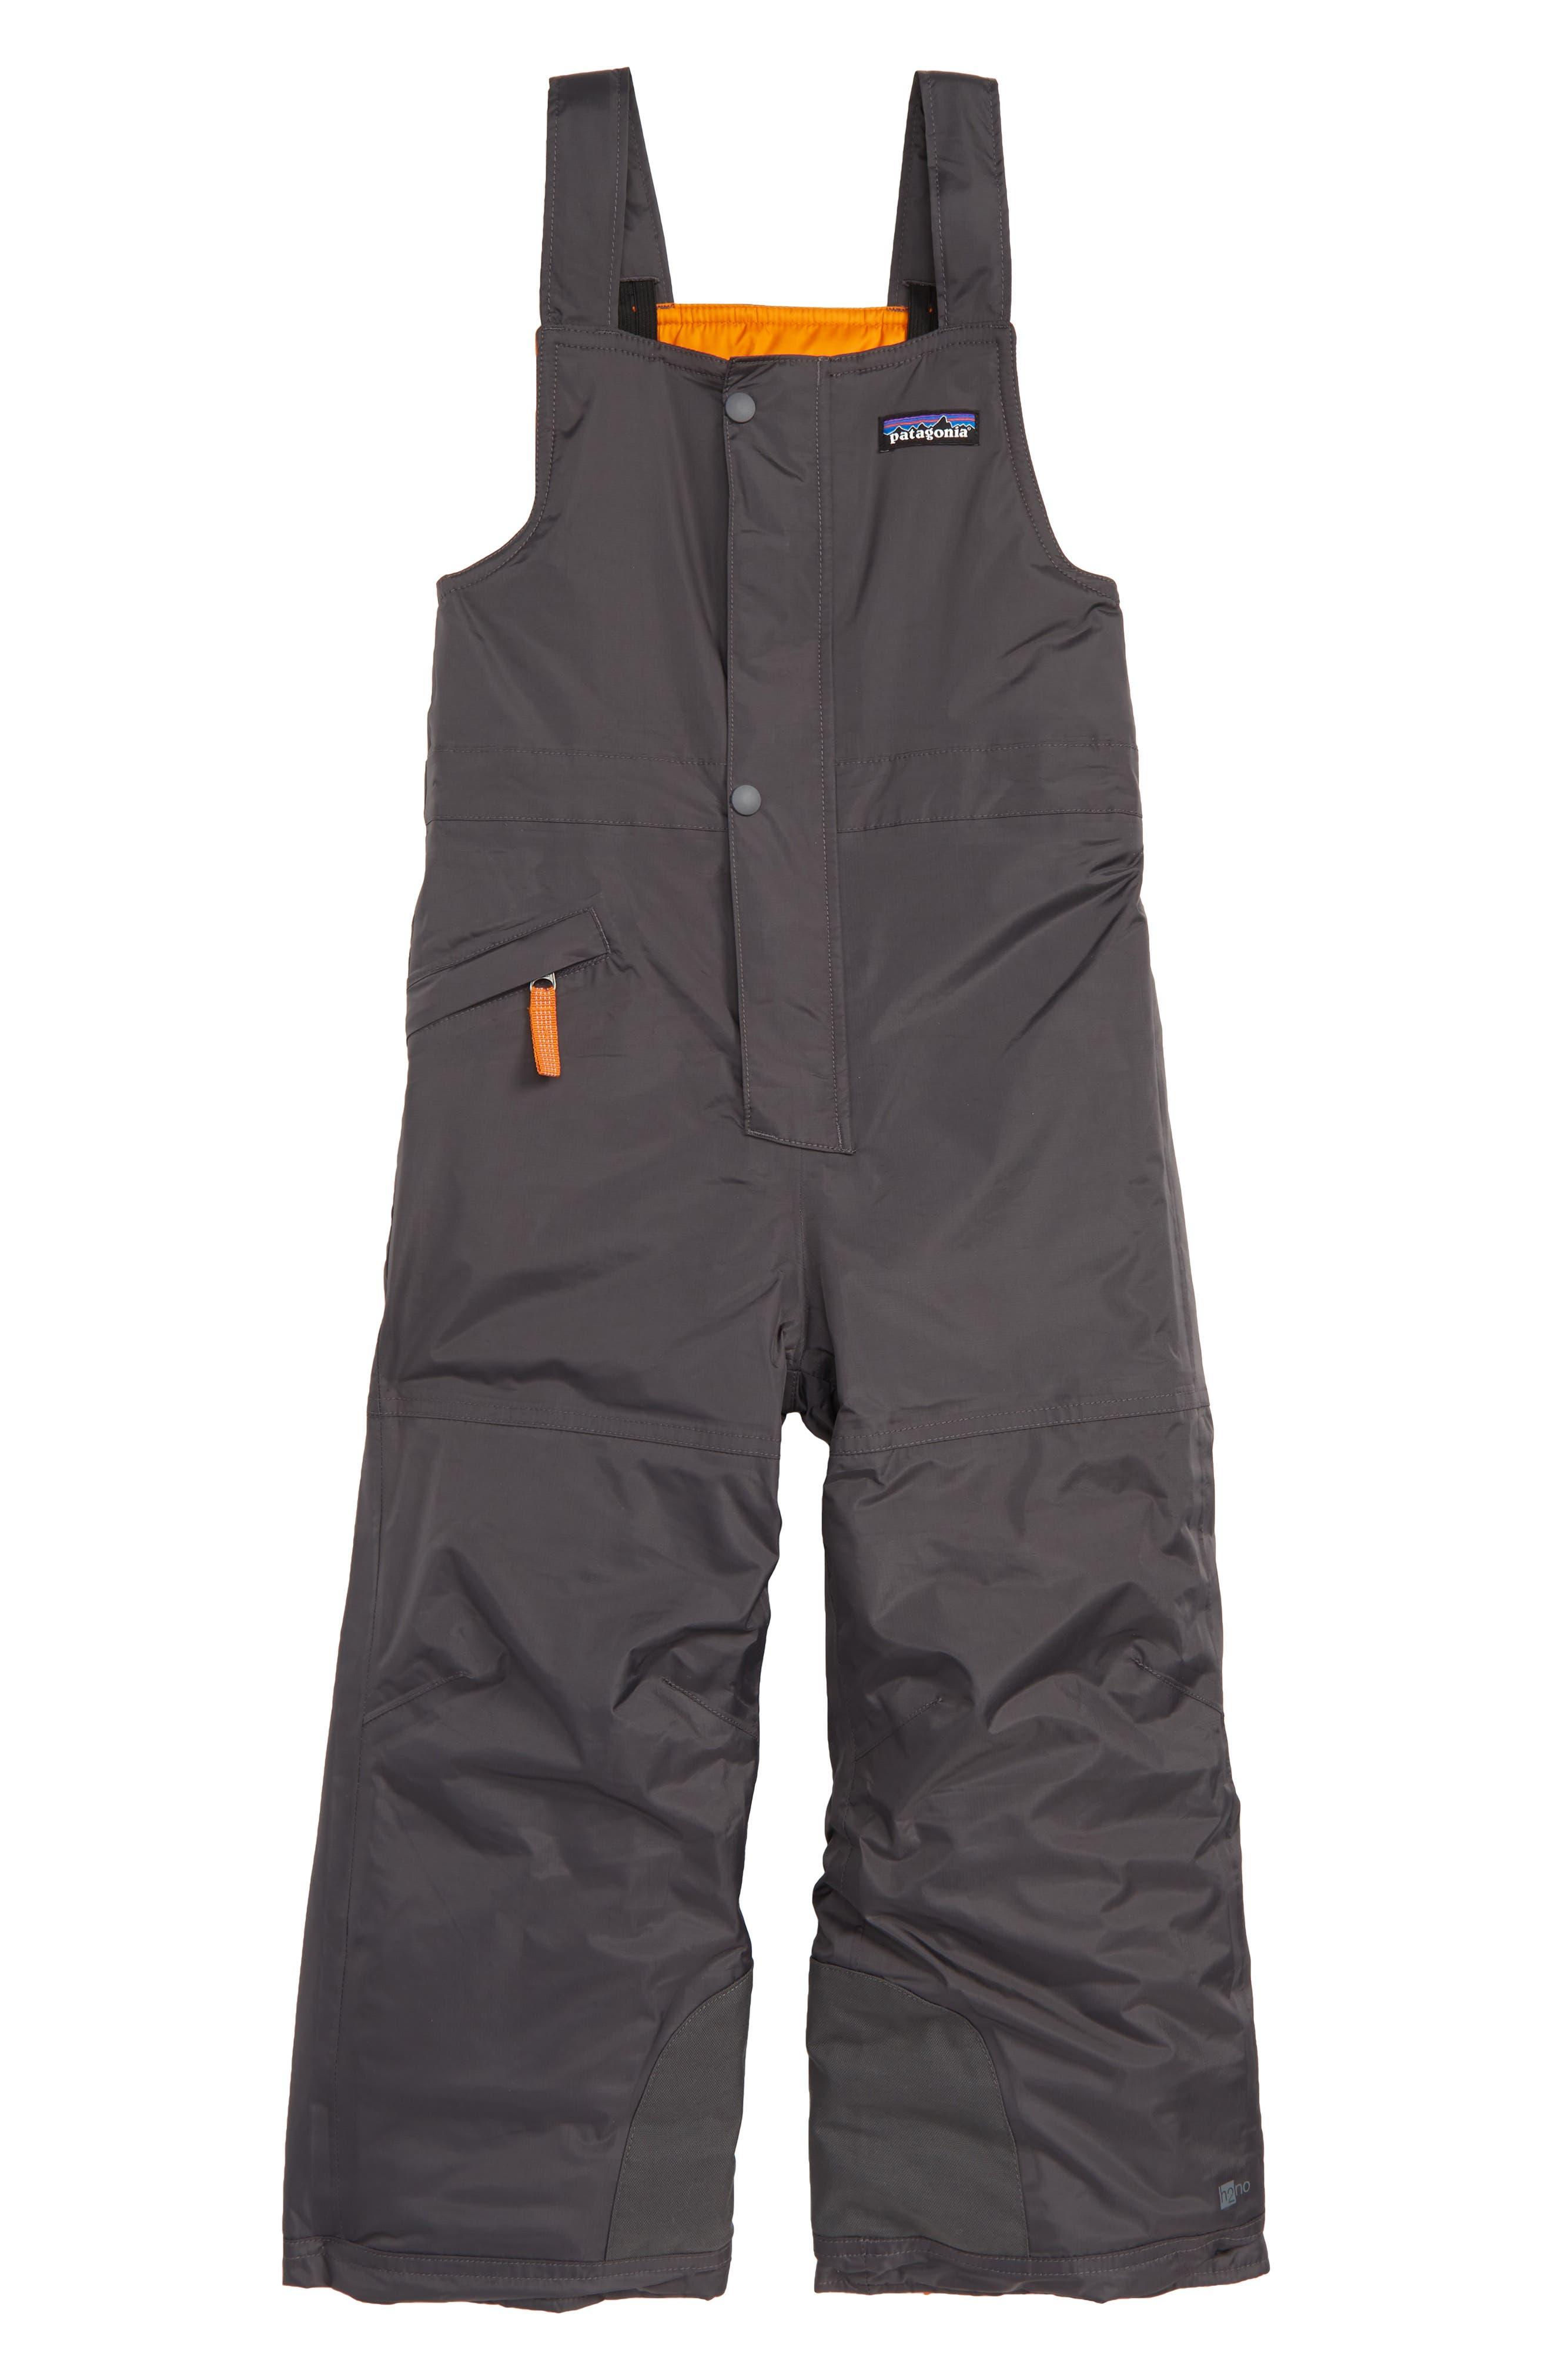 Toddler Boys Patagonia Snow Pile Bib Snow Pants Size 5T  Grey